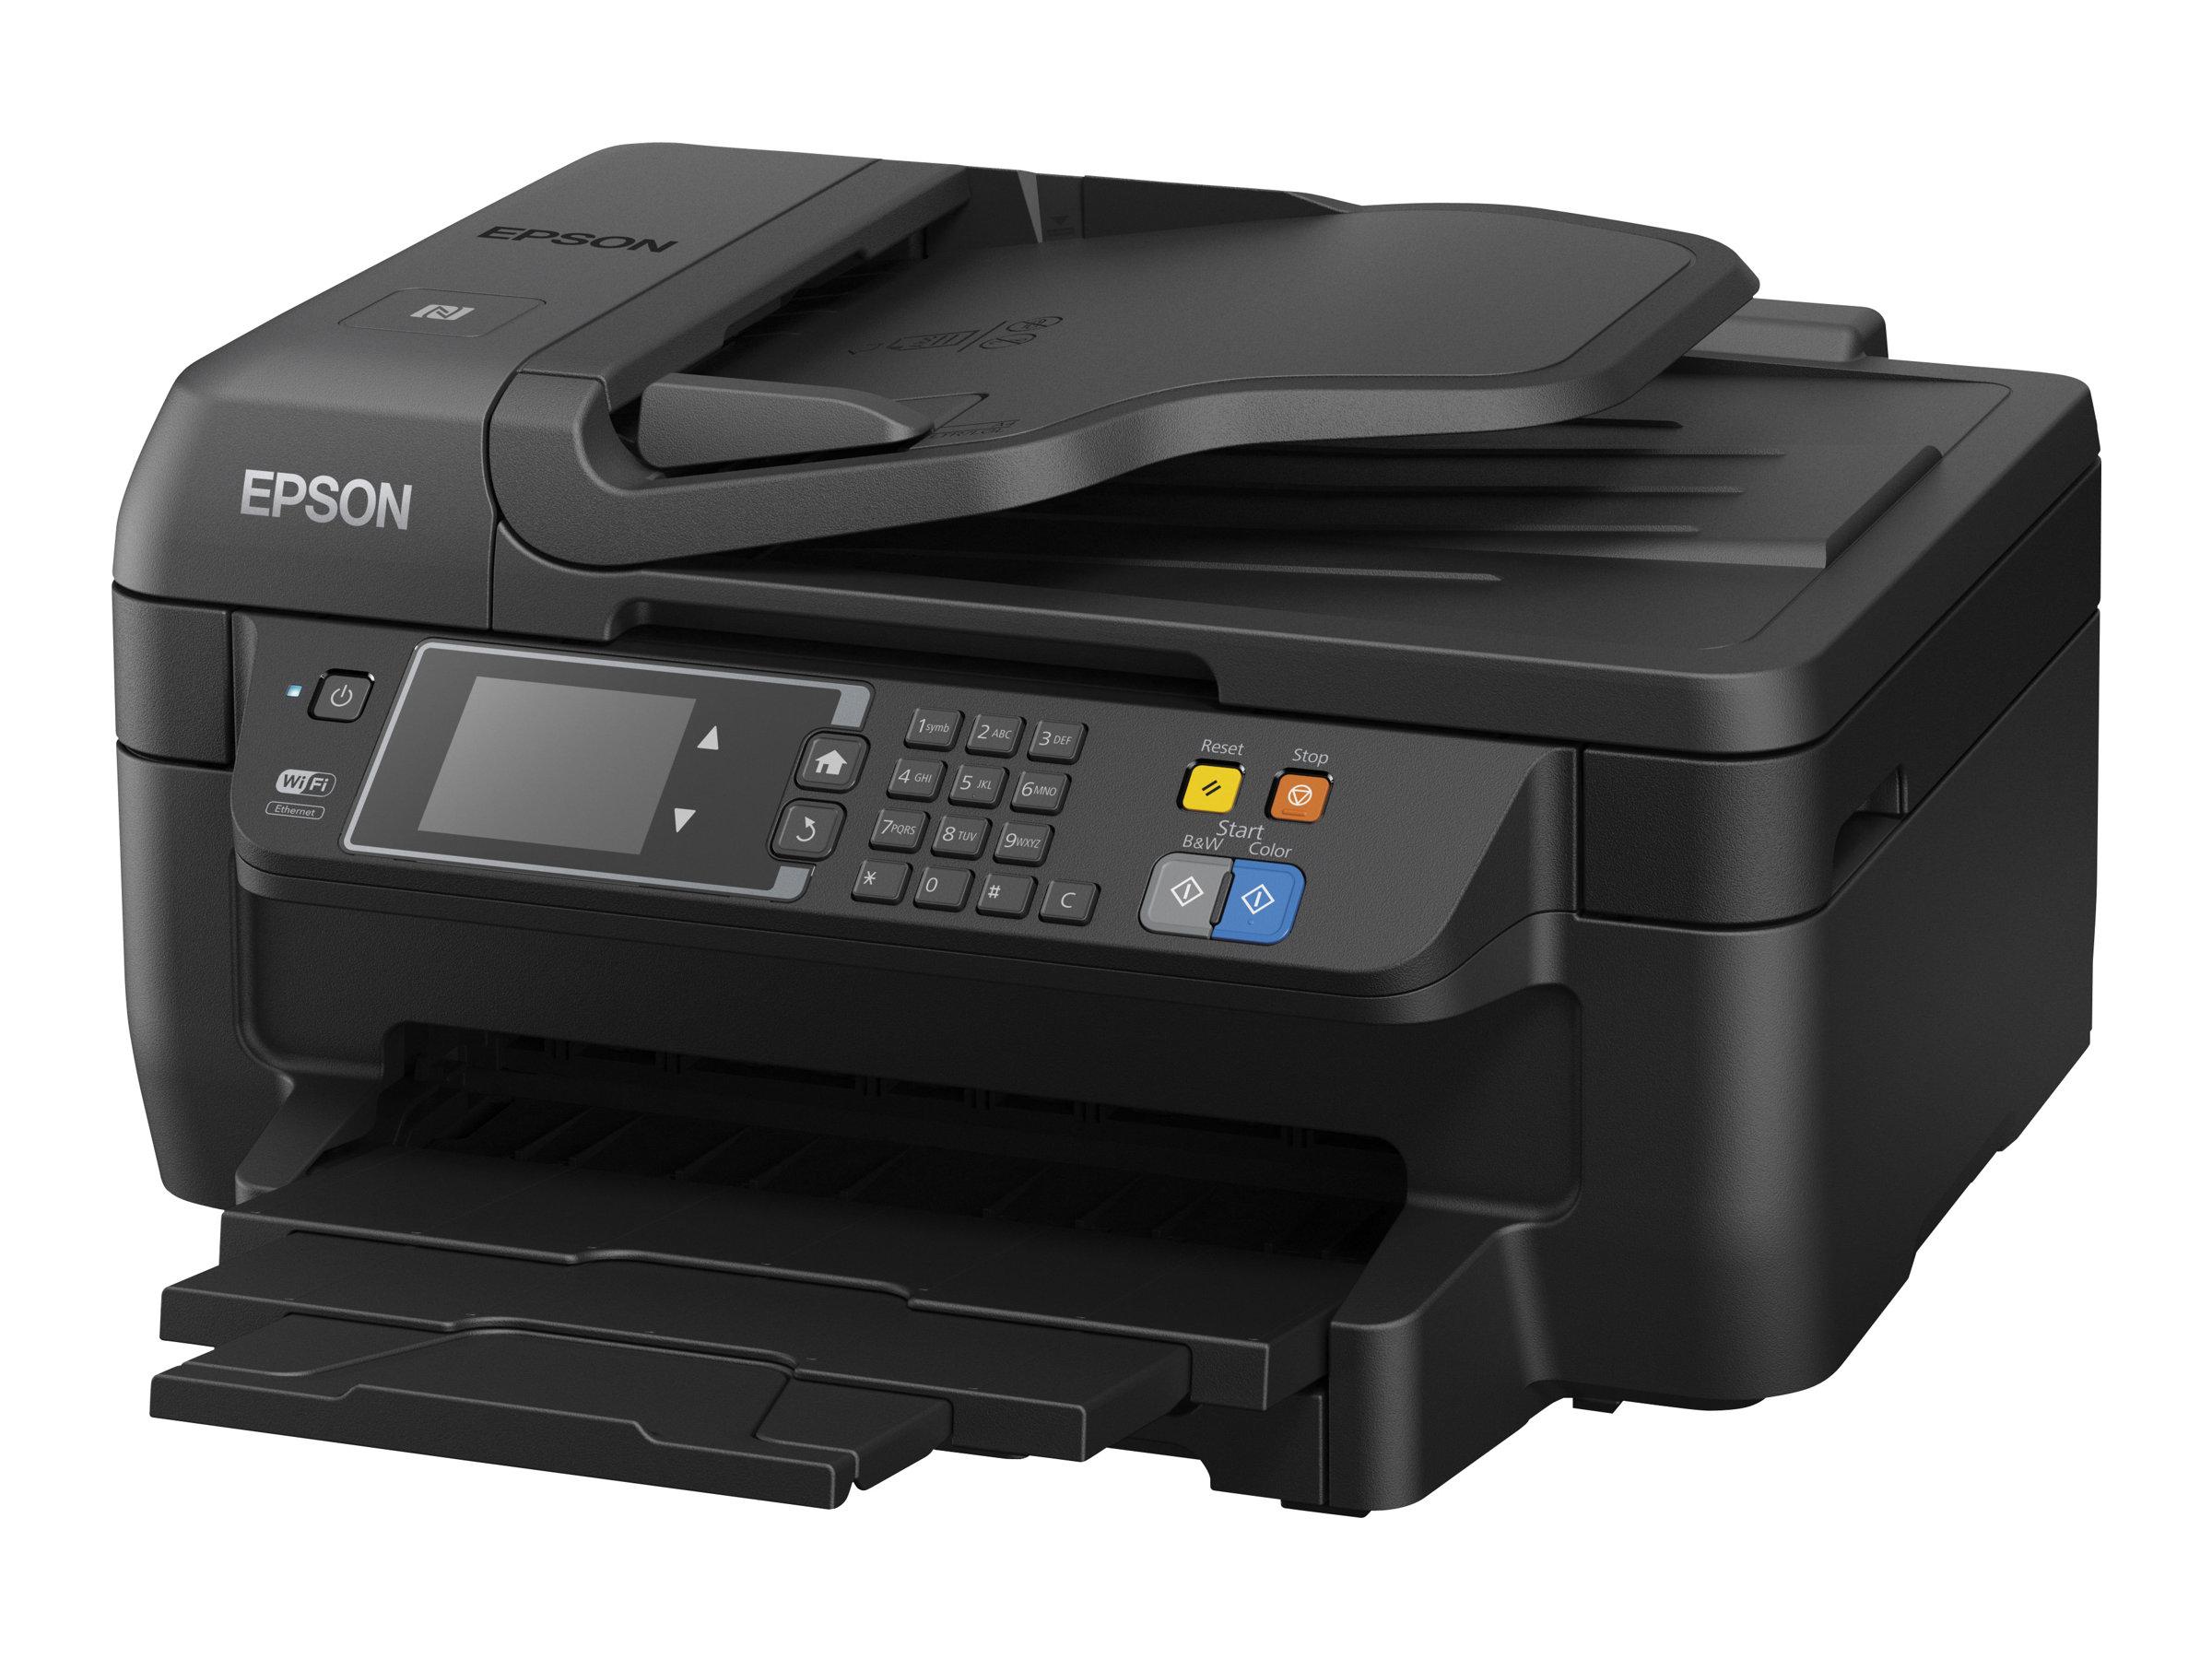 Vorschau: Epson WorkForce WF-2760DWF - Multifunktionsdrucker